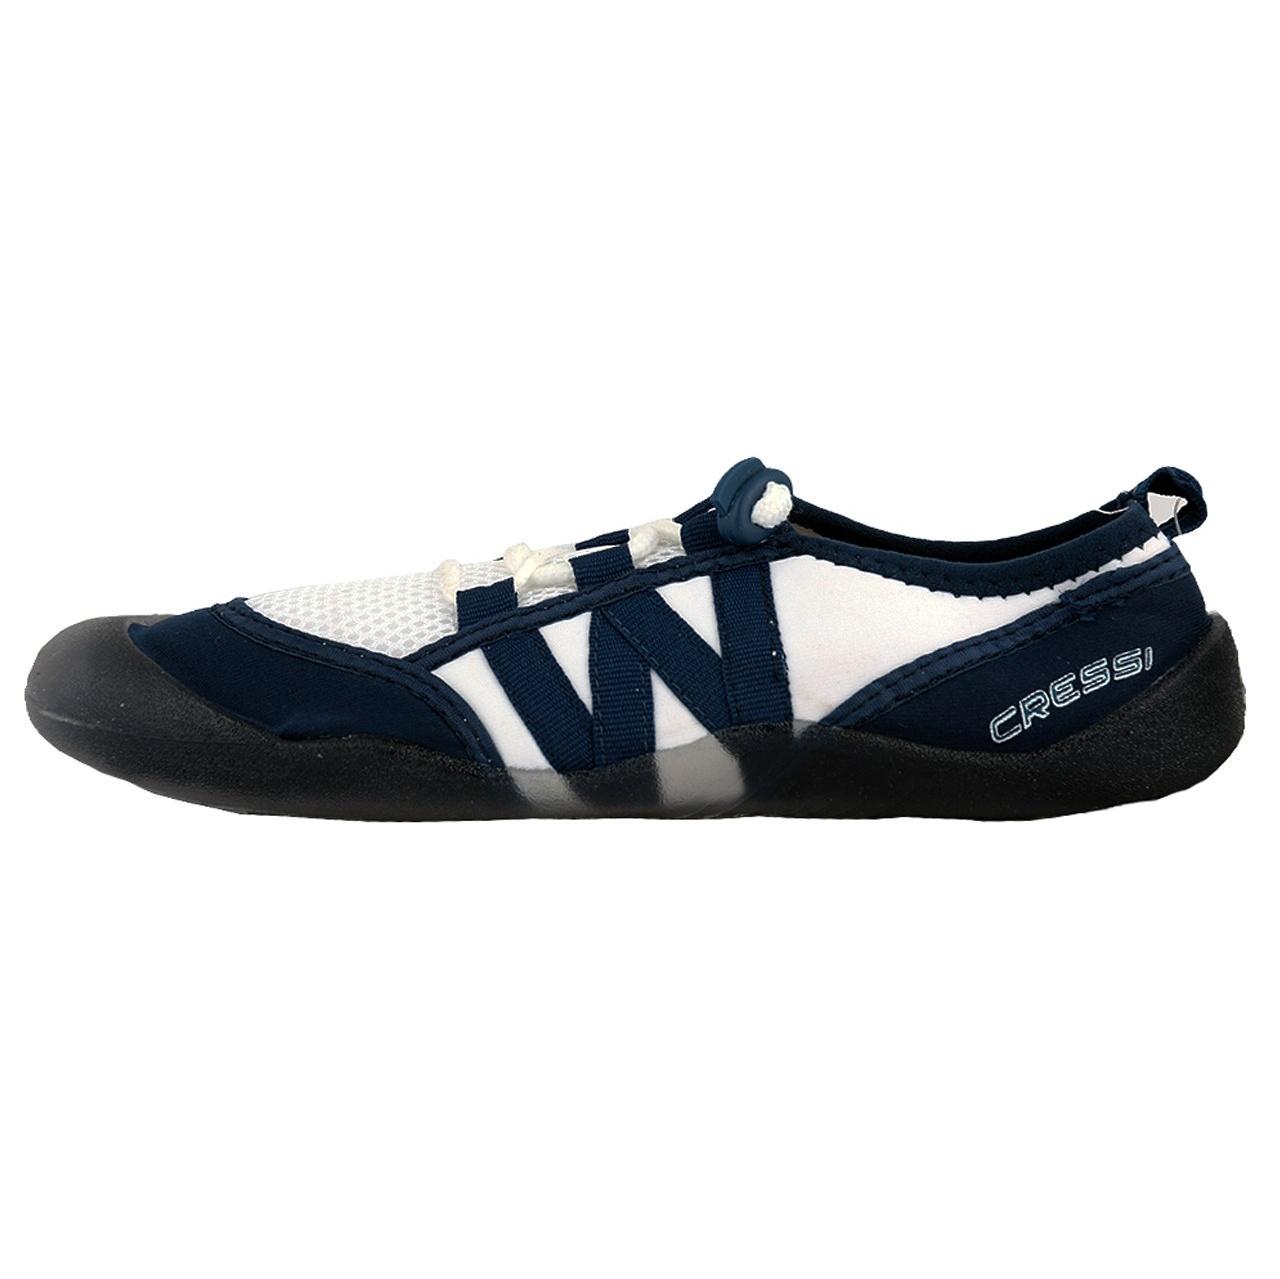 کفش ساحلی کرسی مدل البا